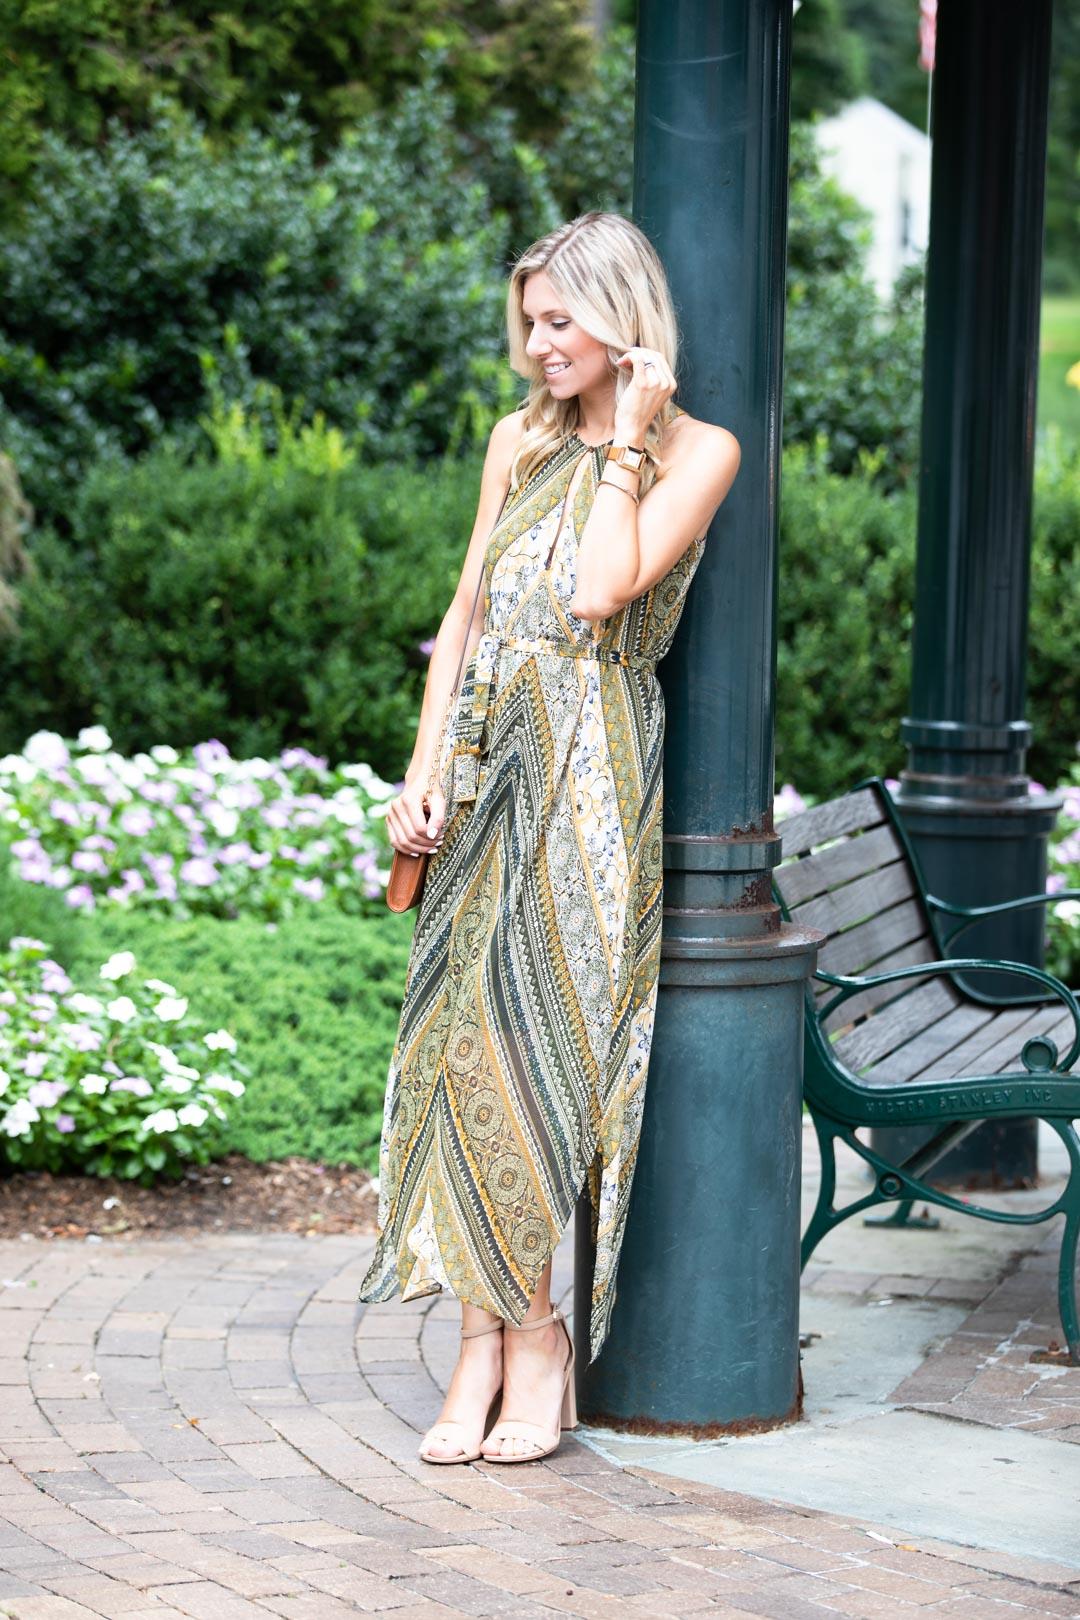 BCBG Tribal Print Flowy Dress